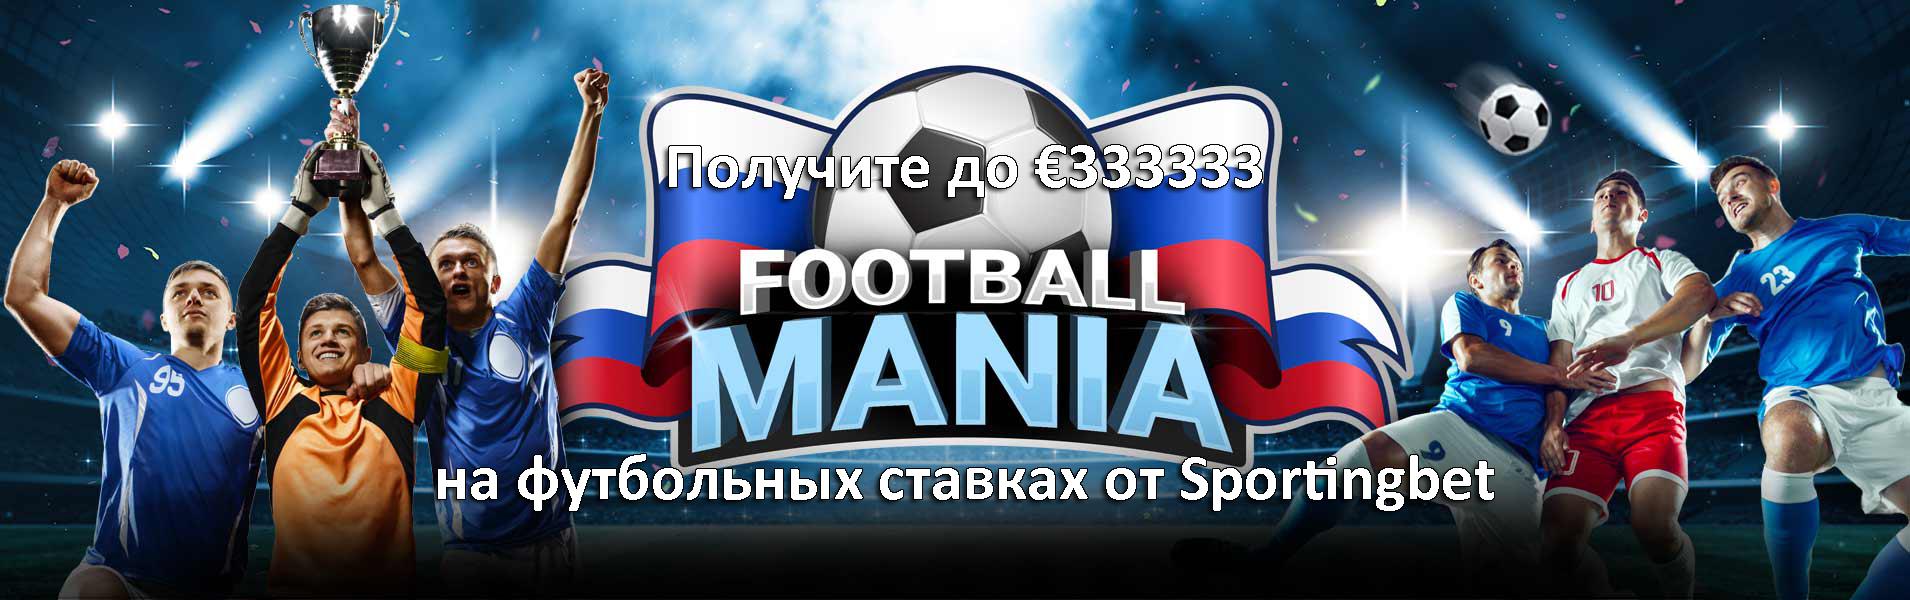 Получите до €333333 на футбольных ставках от Sportingbet